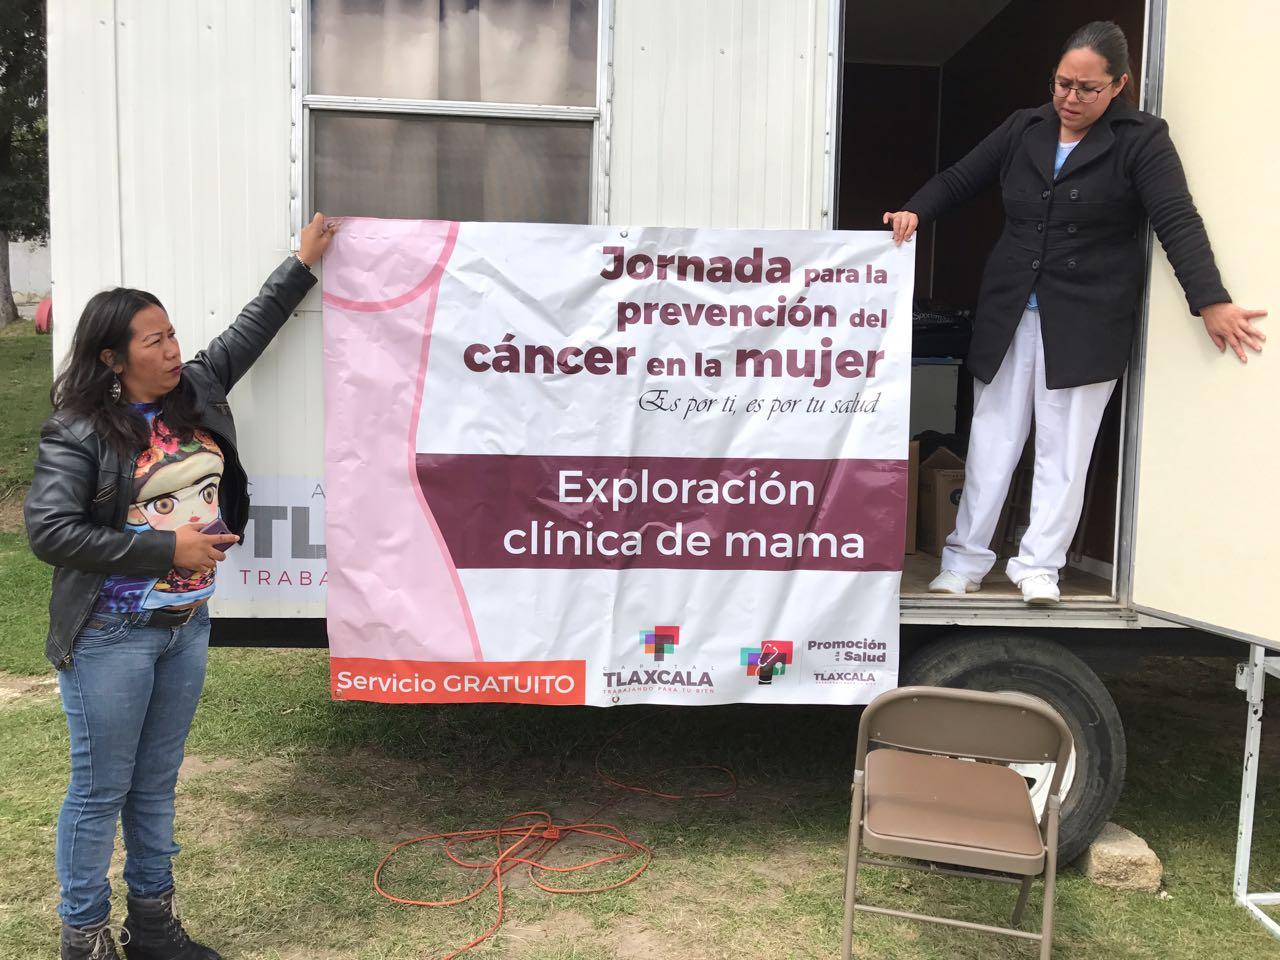 Mantendrá Ayuntamiento de Tlaxcala campaña gratuita de detección de cáncer en la mujer